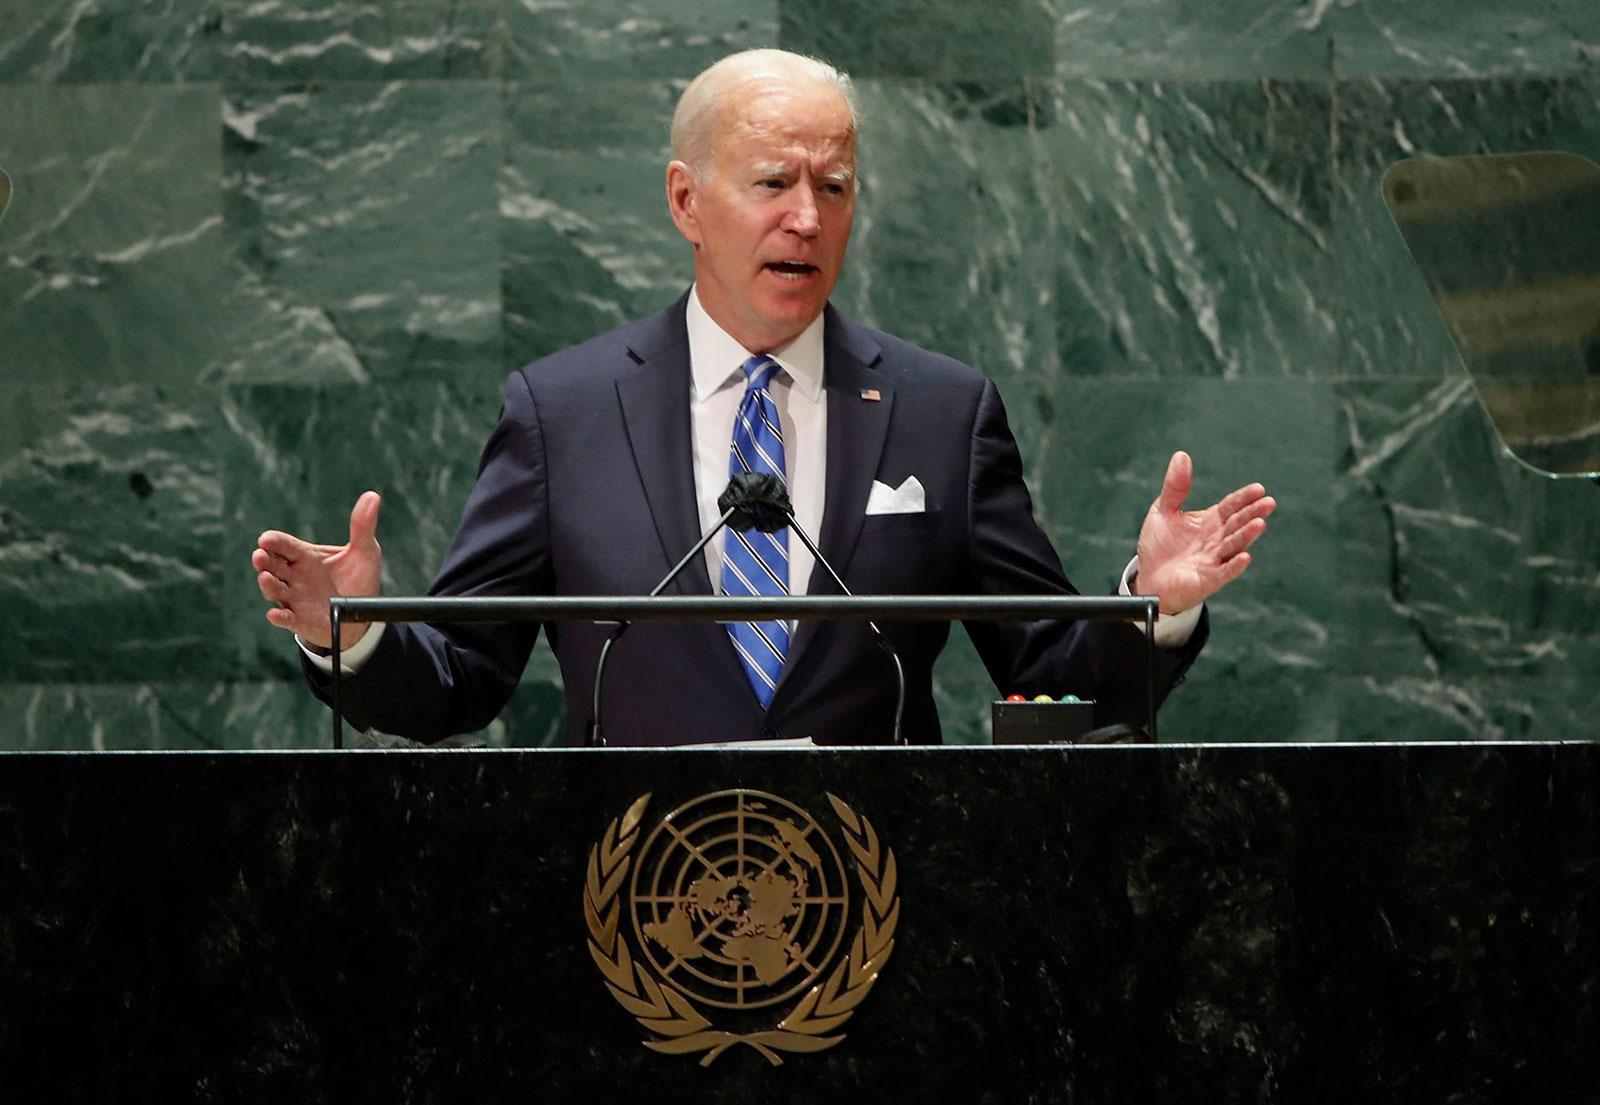 美国总统拜登在联合国大会一般性辩论中发表演讲。